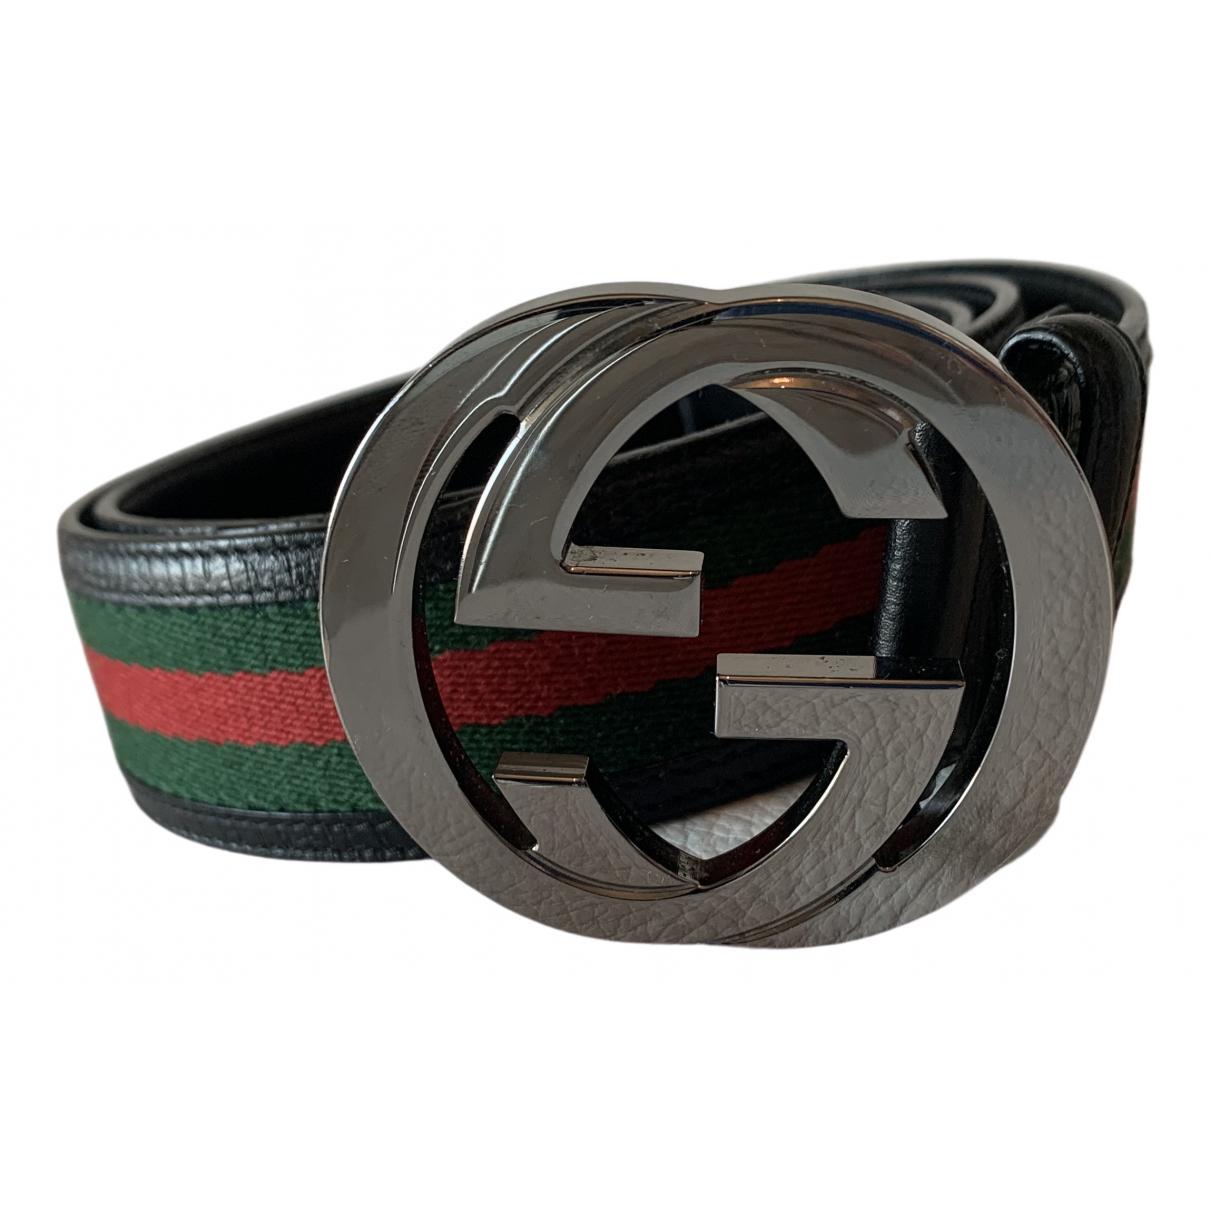 Cinturon Interlocking Buckle de Lona Gucci